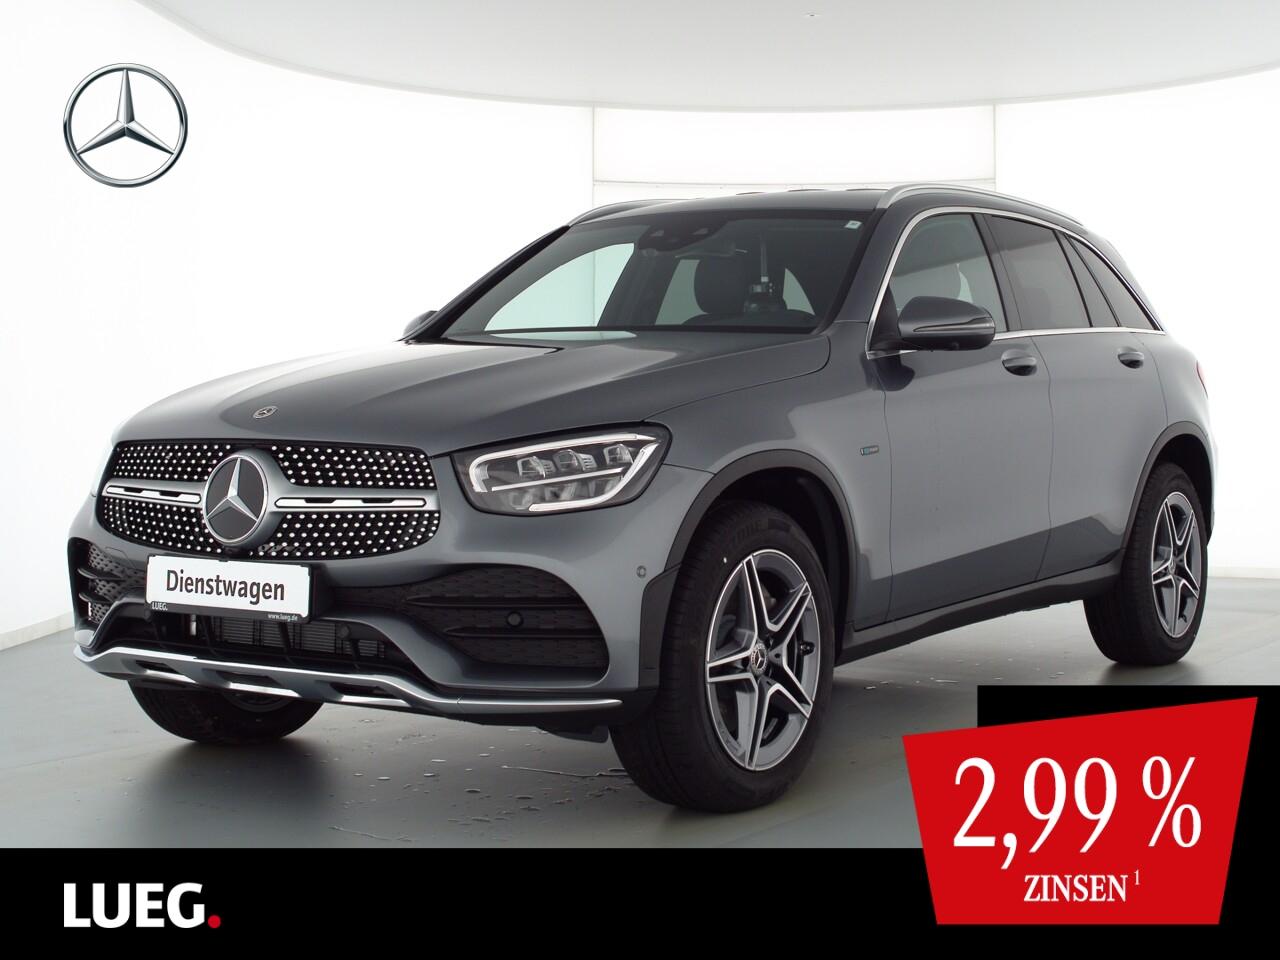 Mercedes-Benz GLC 300 de 4M AMG+19''+AHK+TOTW+360°+DKL.GLAS+PT, Jahr 2021, Hybrid_Diesel